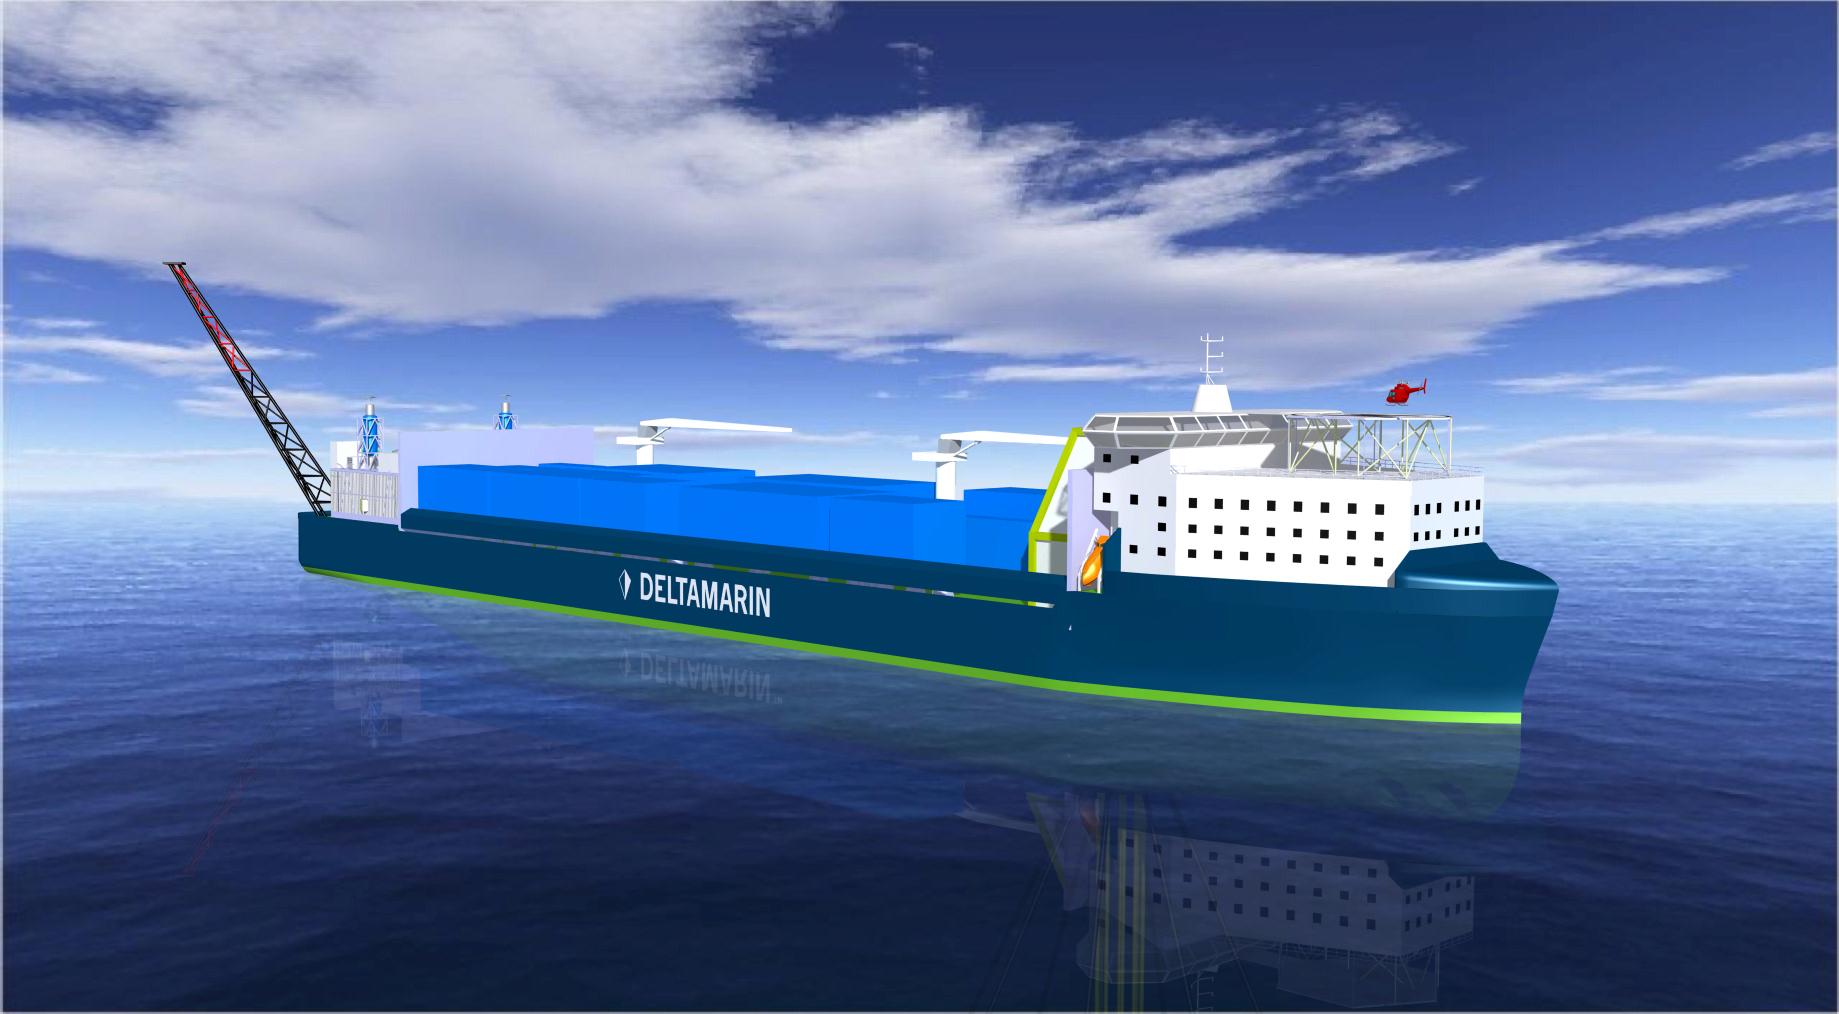 F.Delta family of newbuilding FPSO hulls